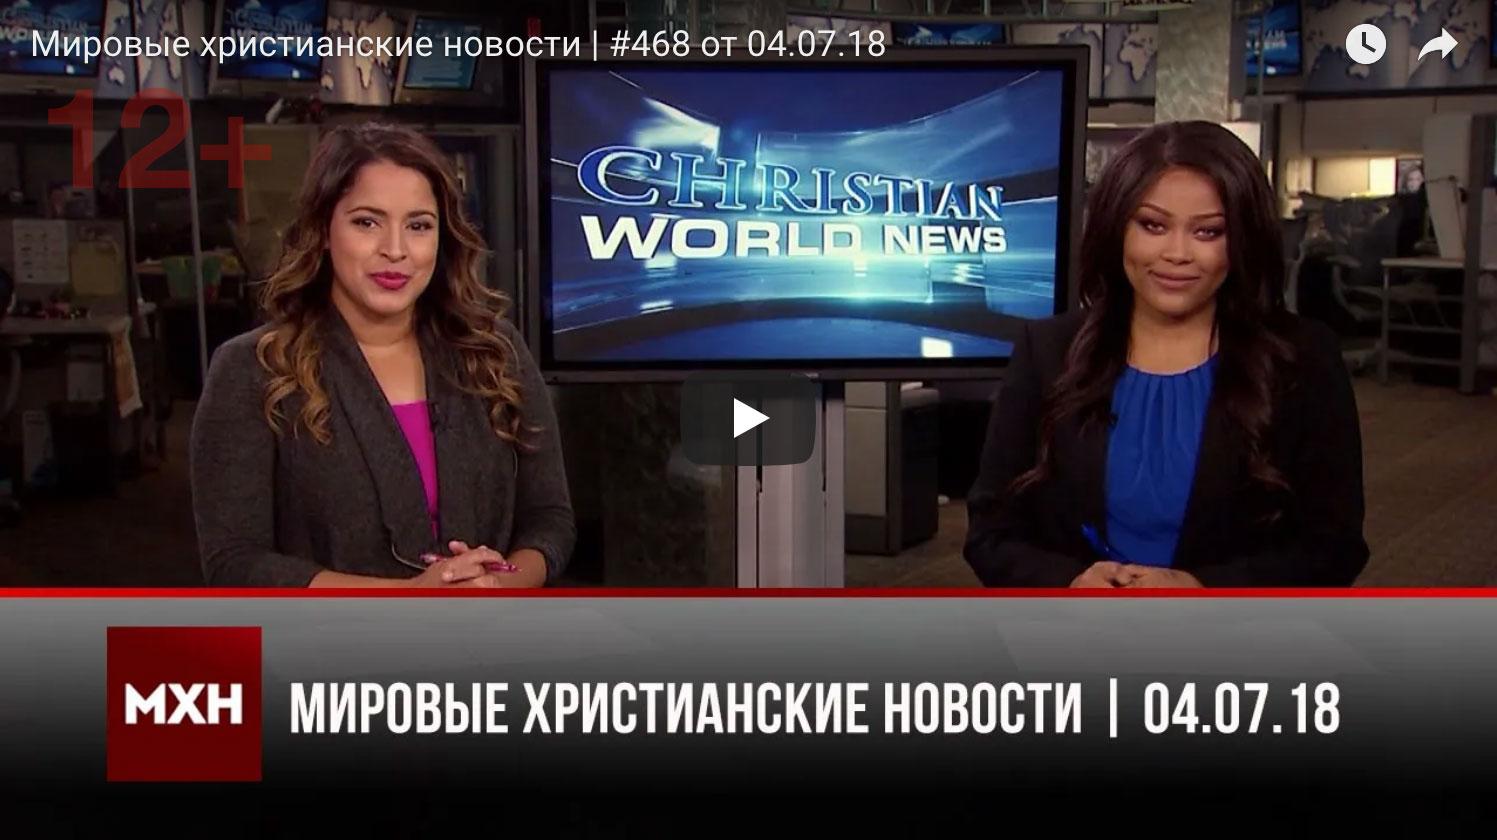 Мировые христианские новости | #468 от 04.07.18